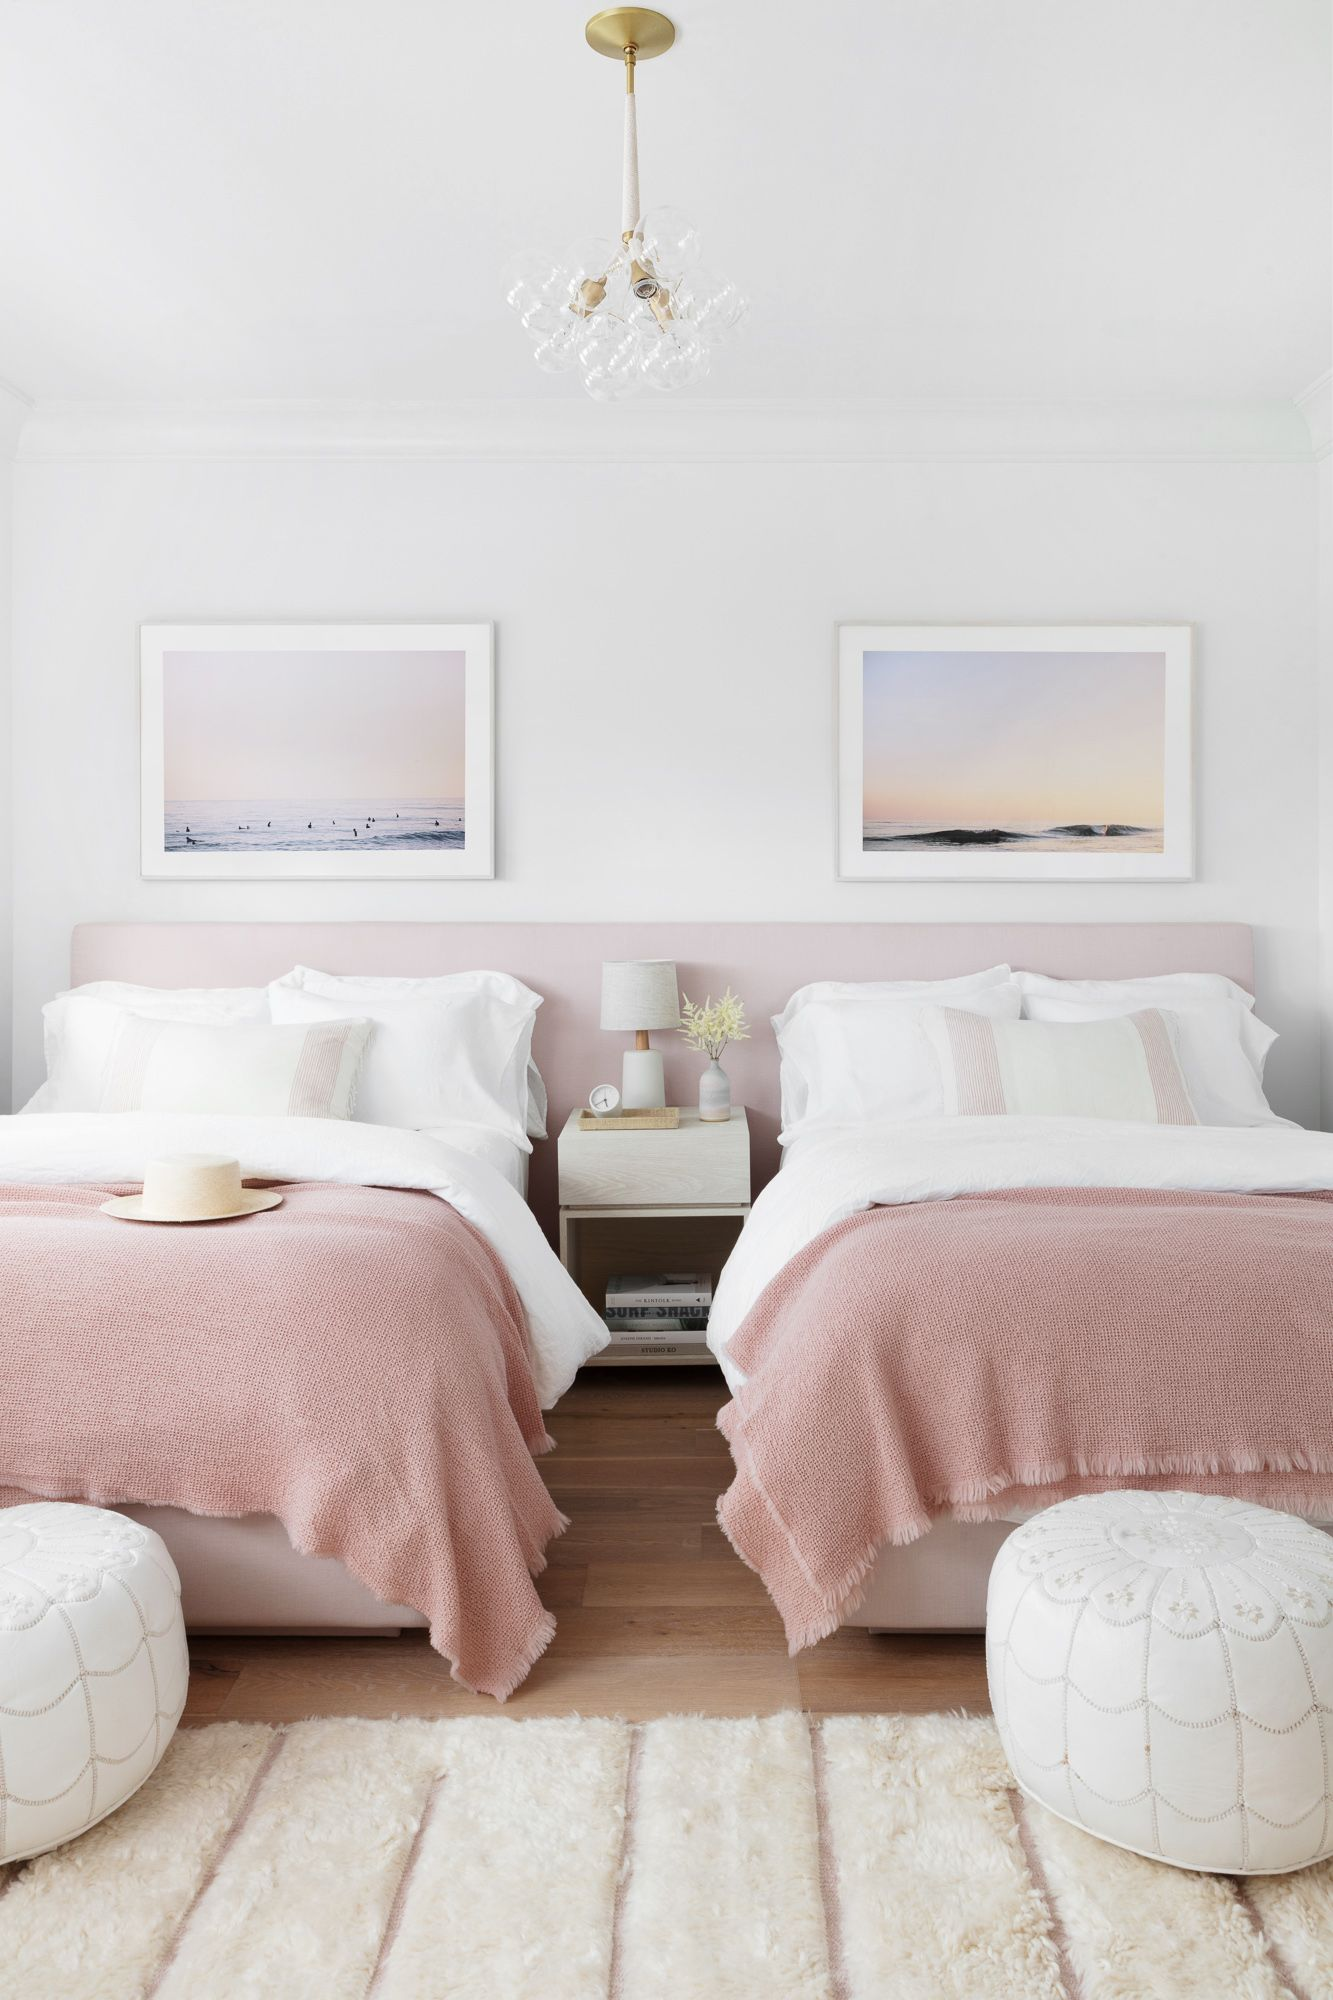 160 Ideas De Dormitorios Dobles Dormitorios Dormitorios Recámaras Dormitorios Compartidos